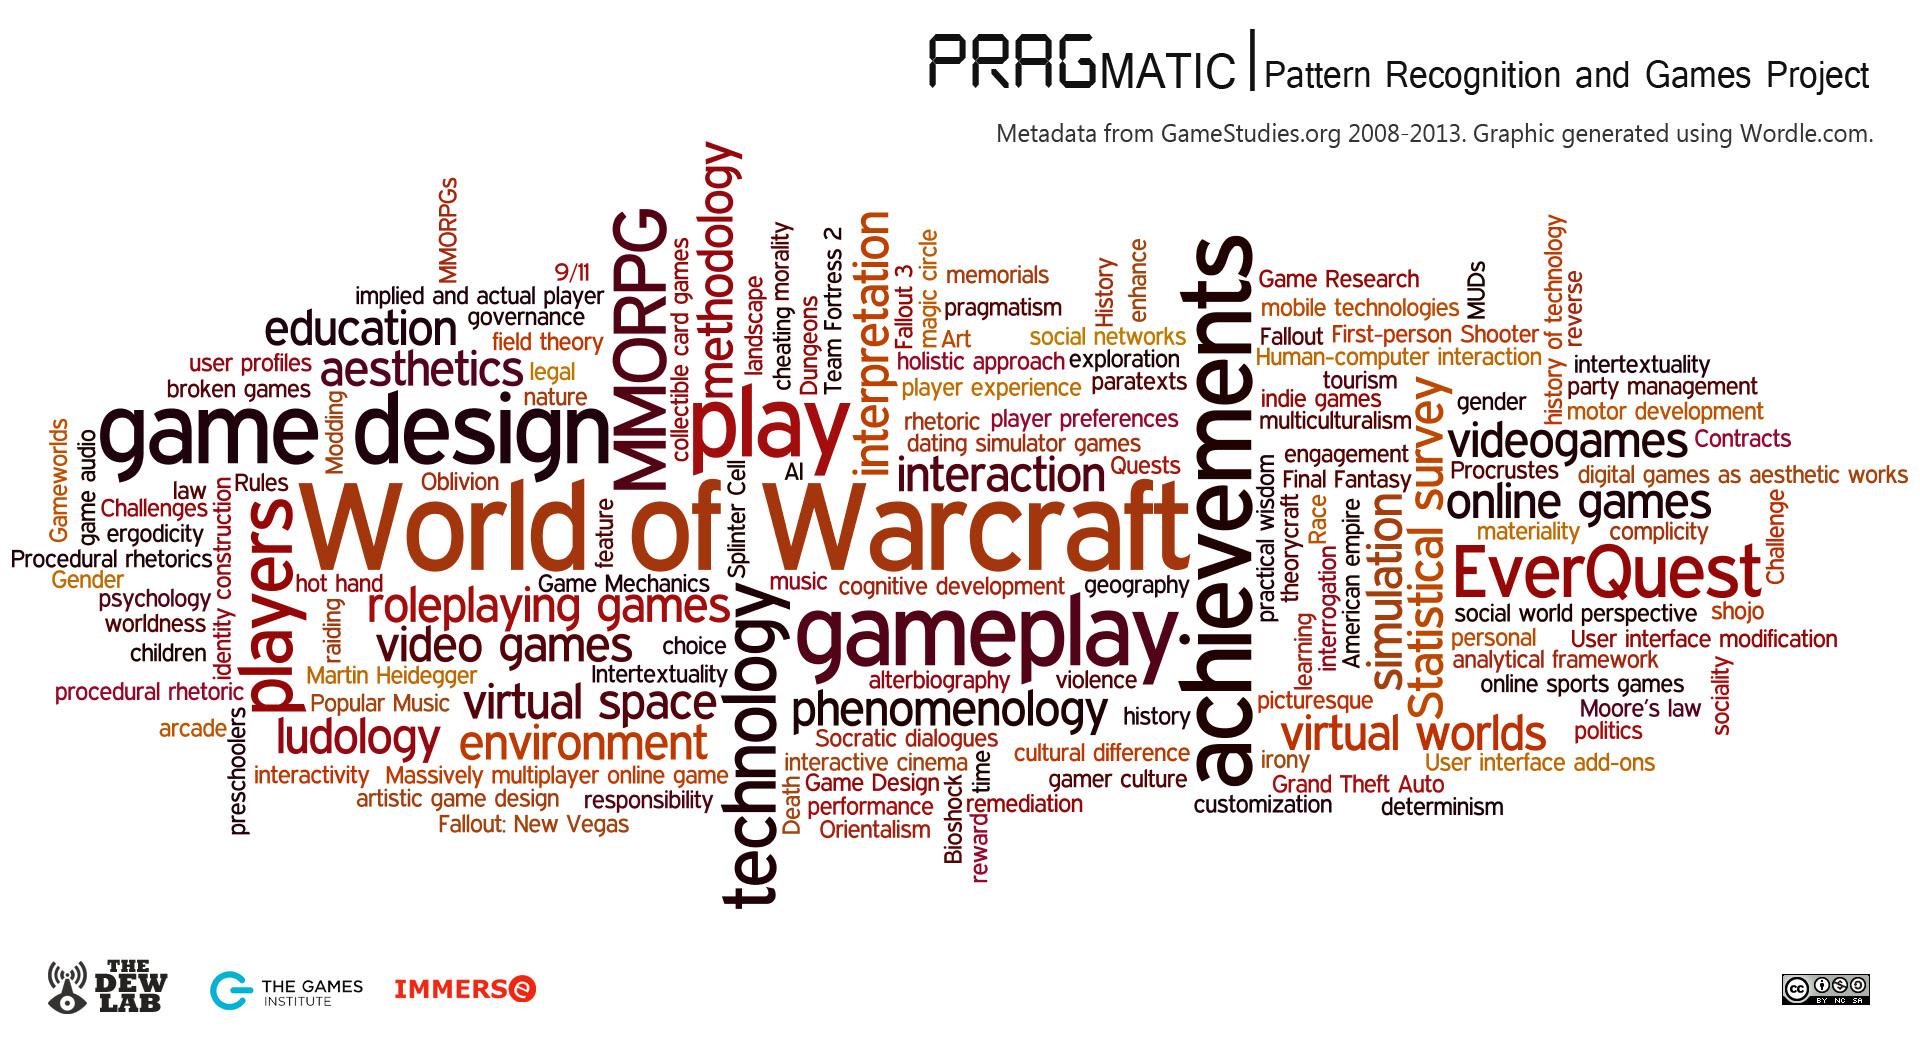 PRAGmaticGameStudiesWordle